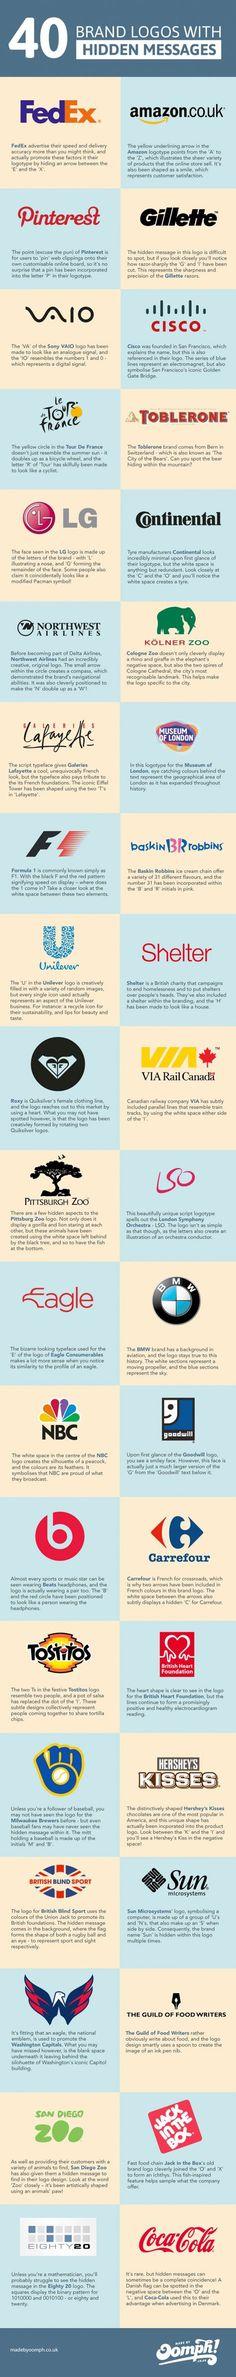 O assunto nao é novidade mas sempre volta à tona – os logos com mensagens subliminares fazem sucesso, principalmente entre o pessoal do marketing, da publicidade e do design. A Oomph agora reuniu 40 desses logos em um infográfico, explicando brevemente a história por trás de cada um deles. Dos clássicos Fedex e Carrefour a …